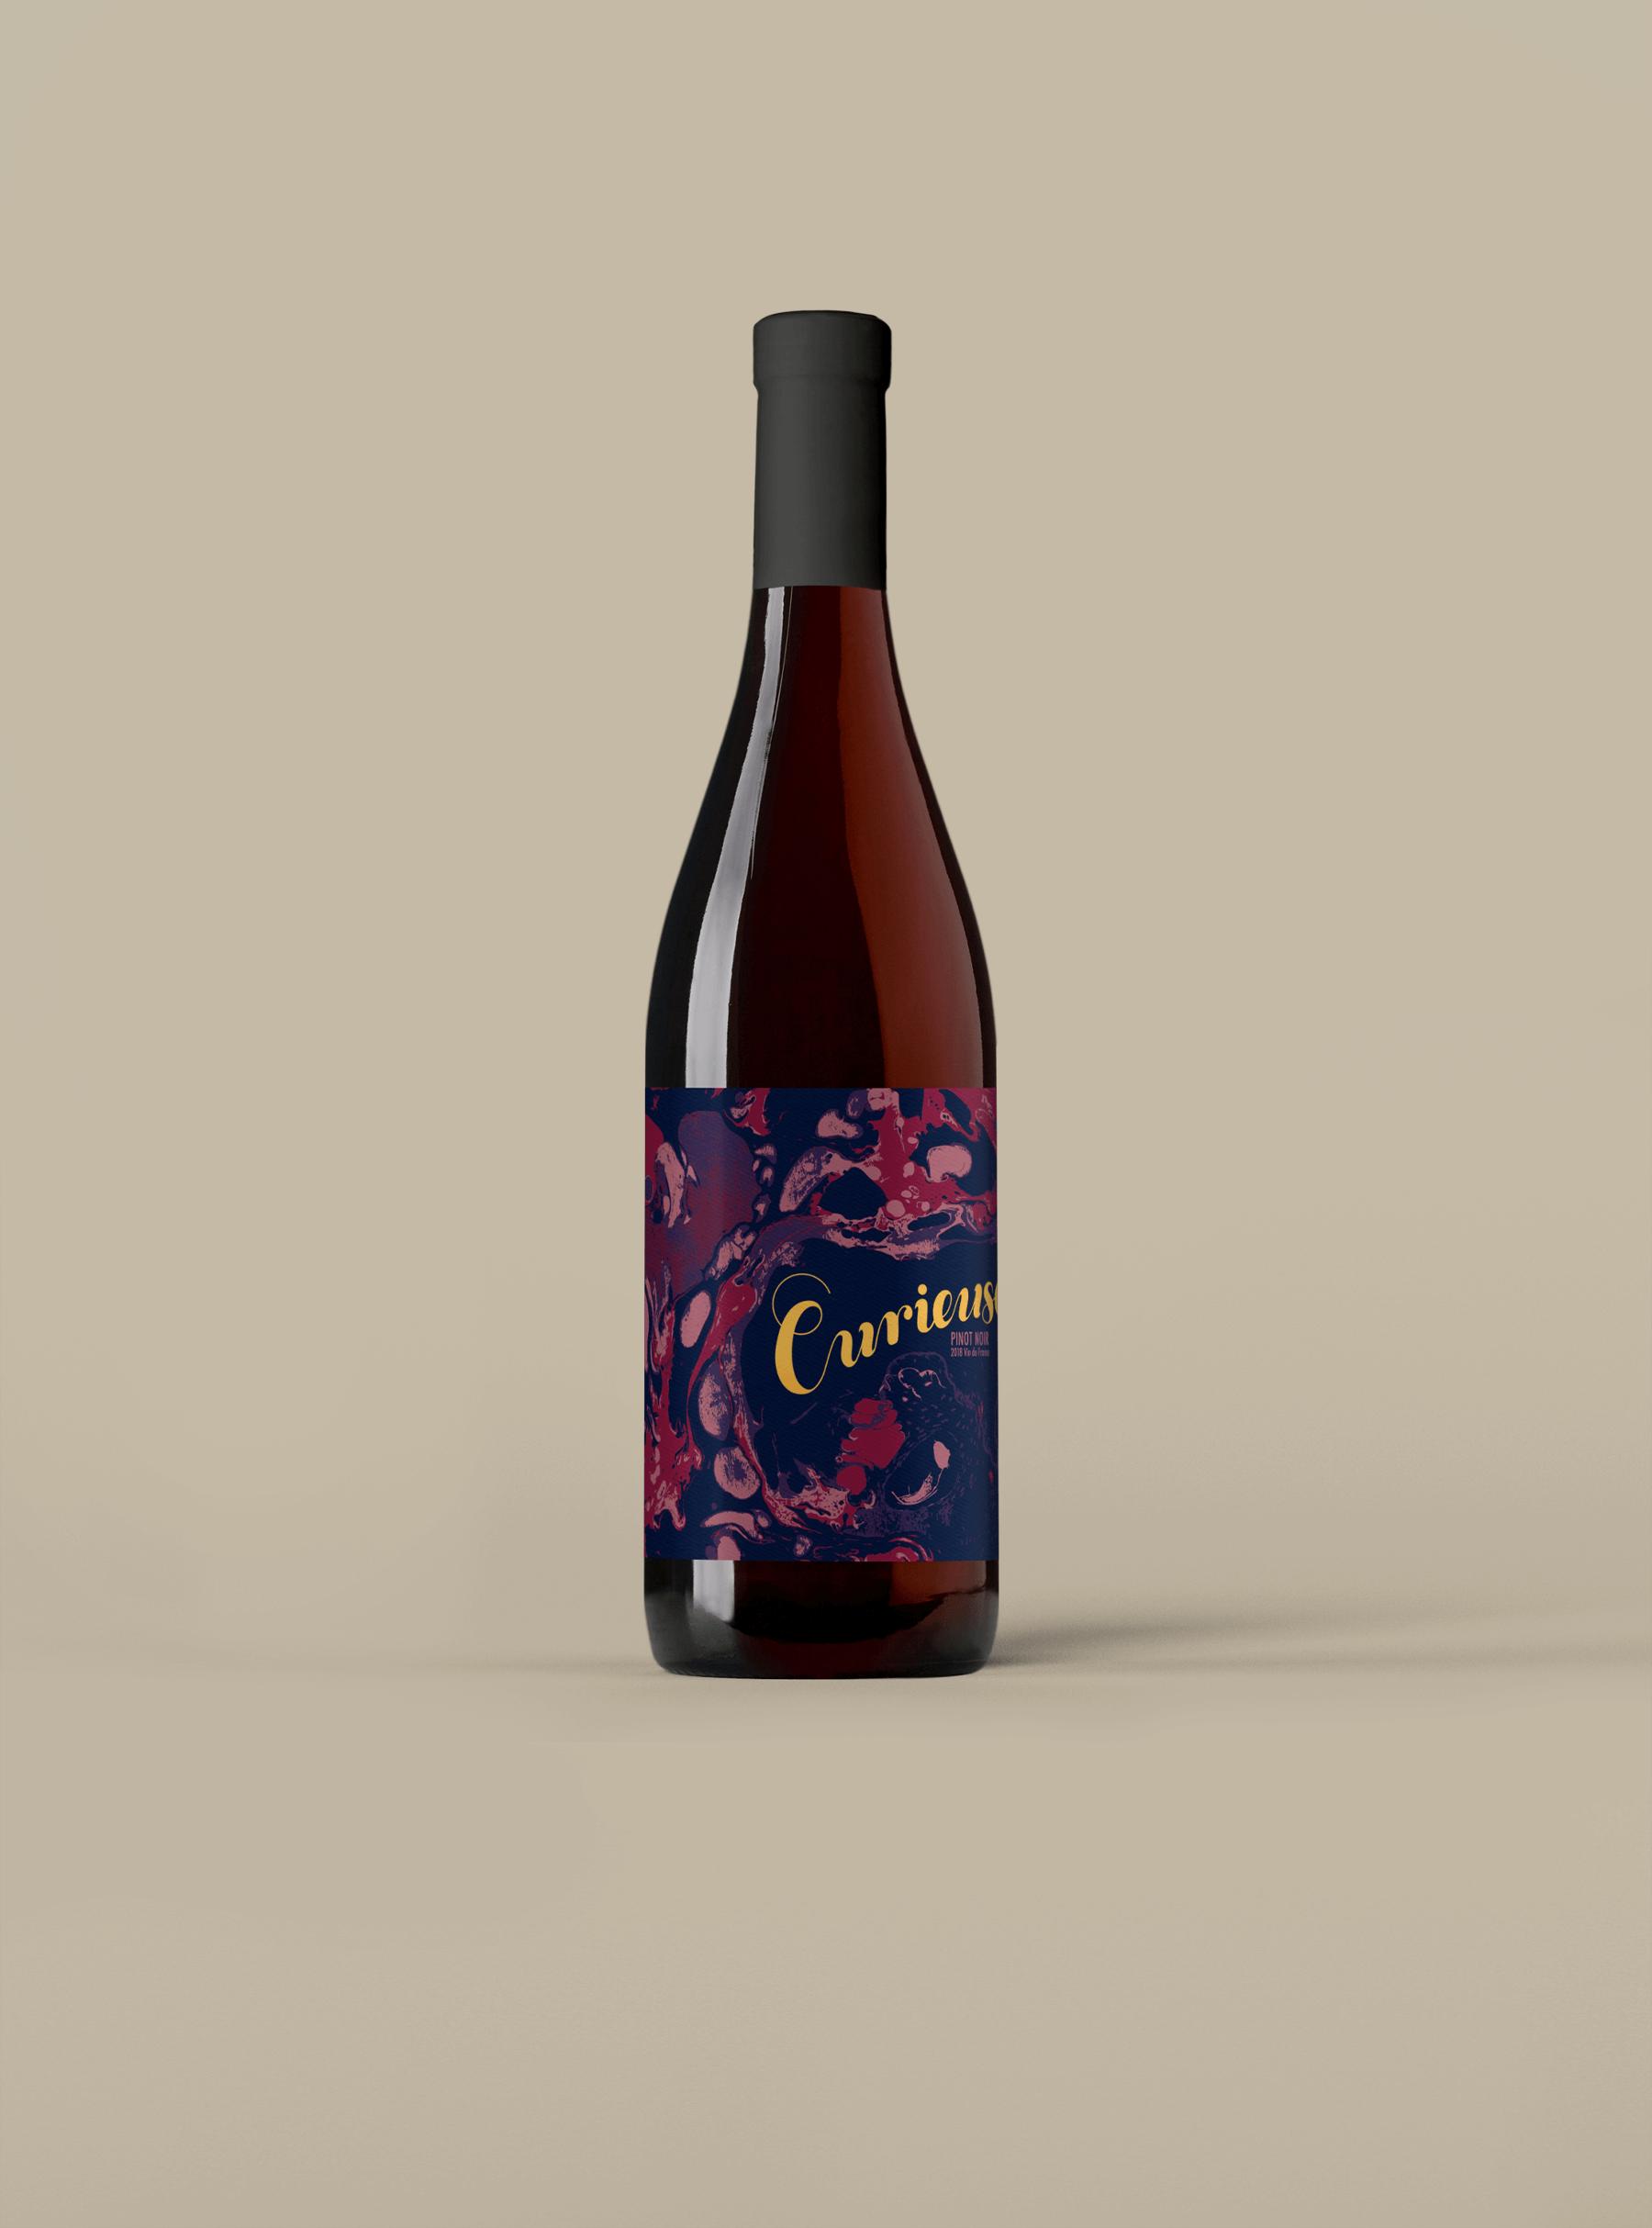 Curieuse Vin de France Pinot Noir